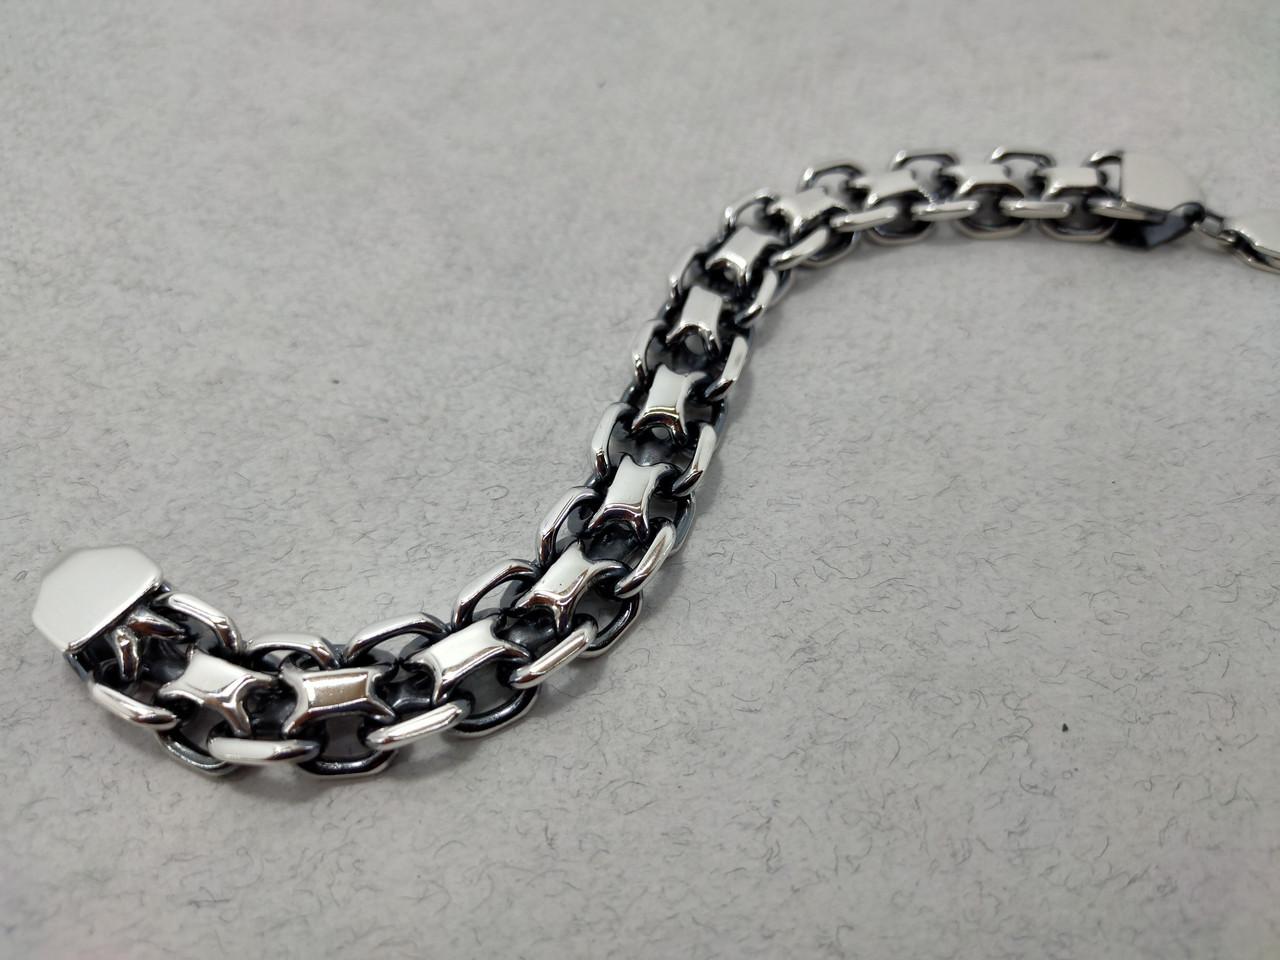 Срібний браслет якірного плетіння подвійний (подвійний якір), 20 см., 61 гр.